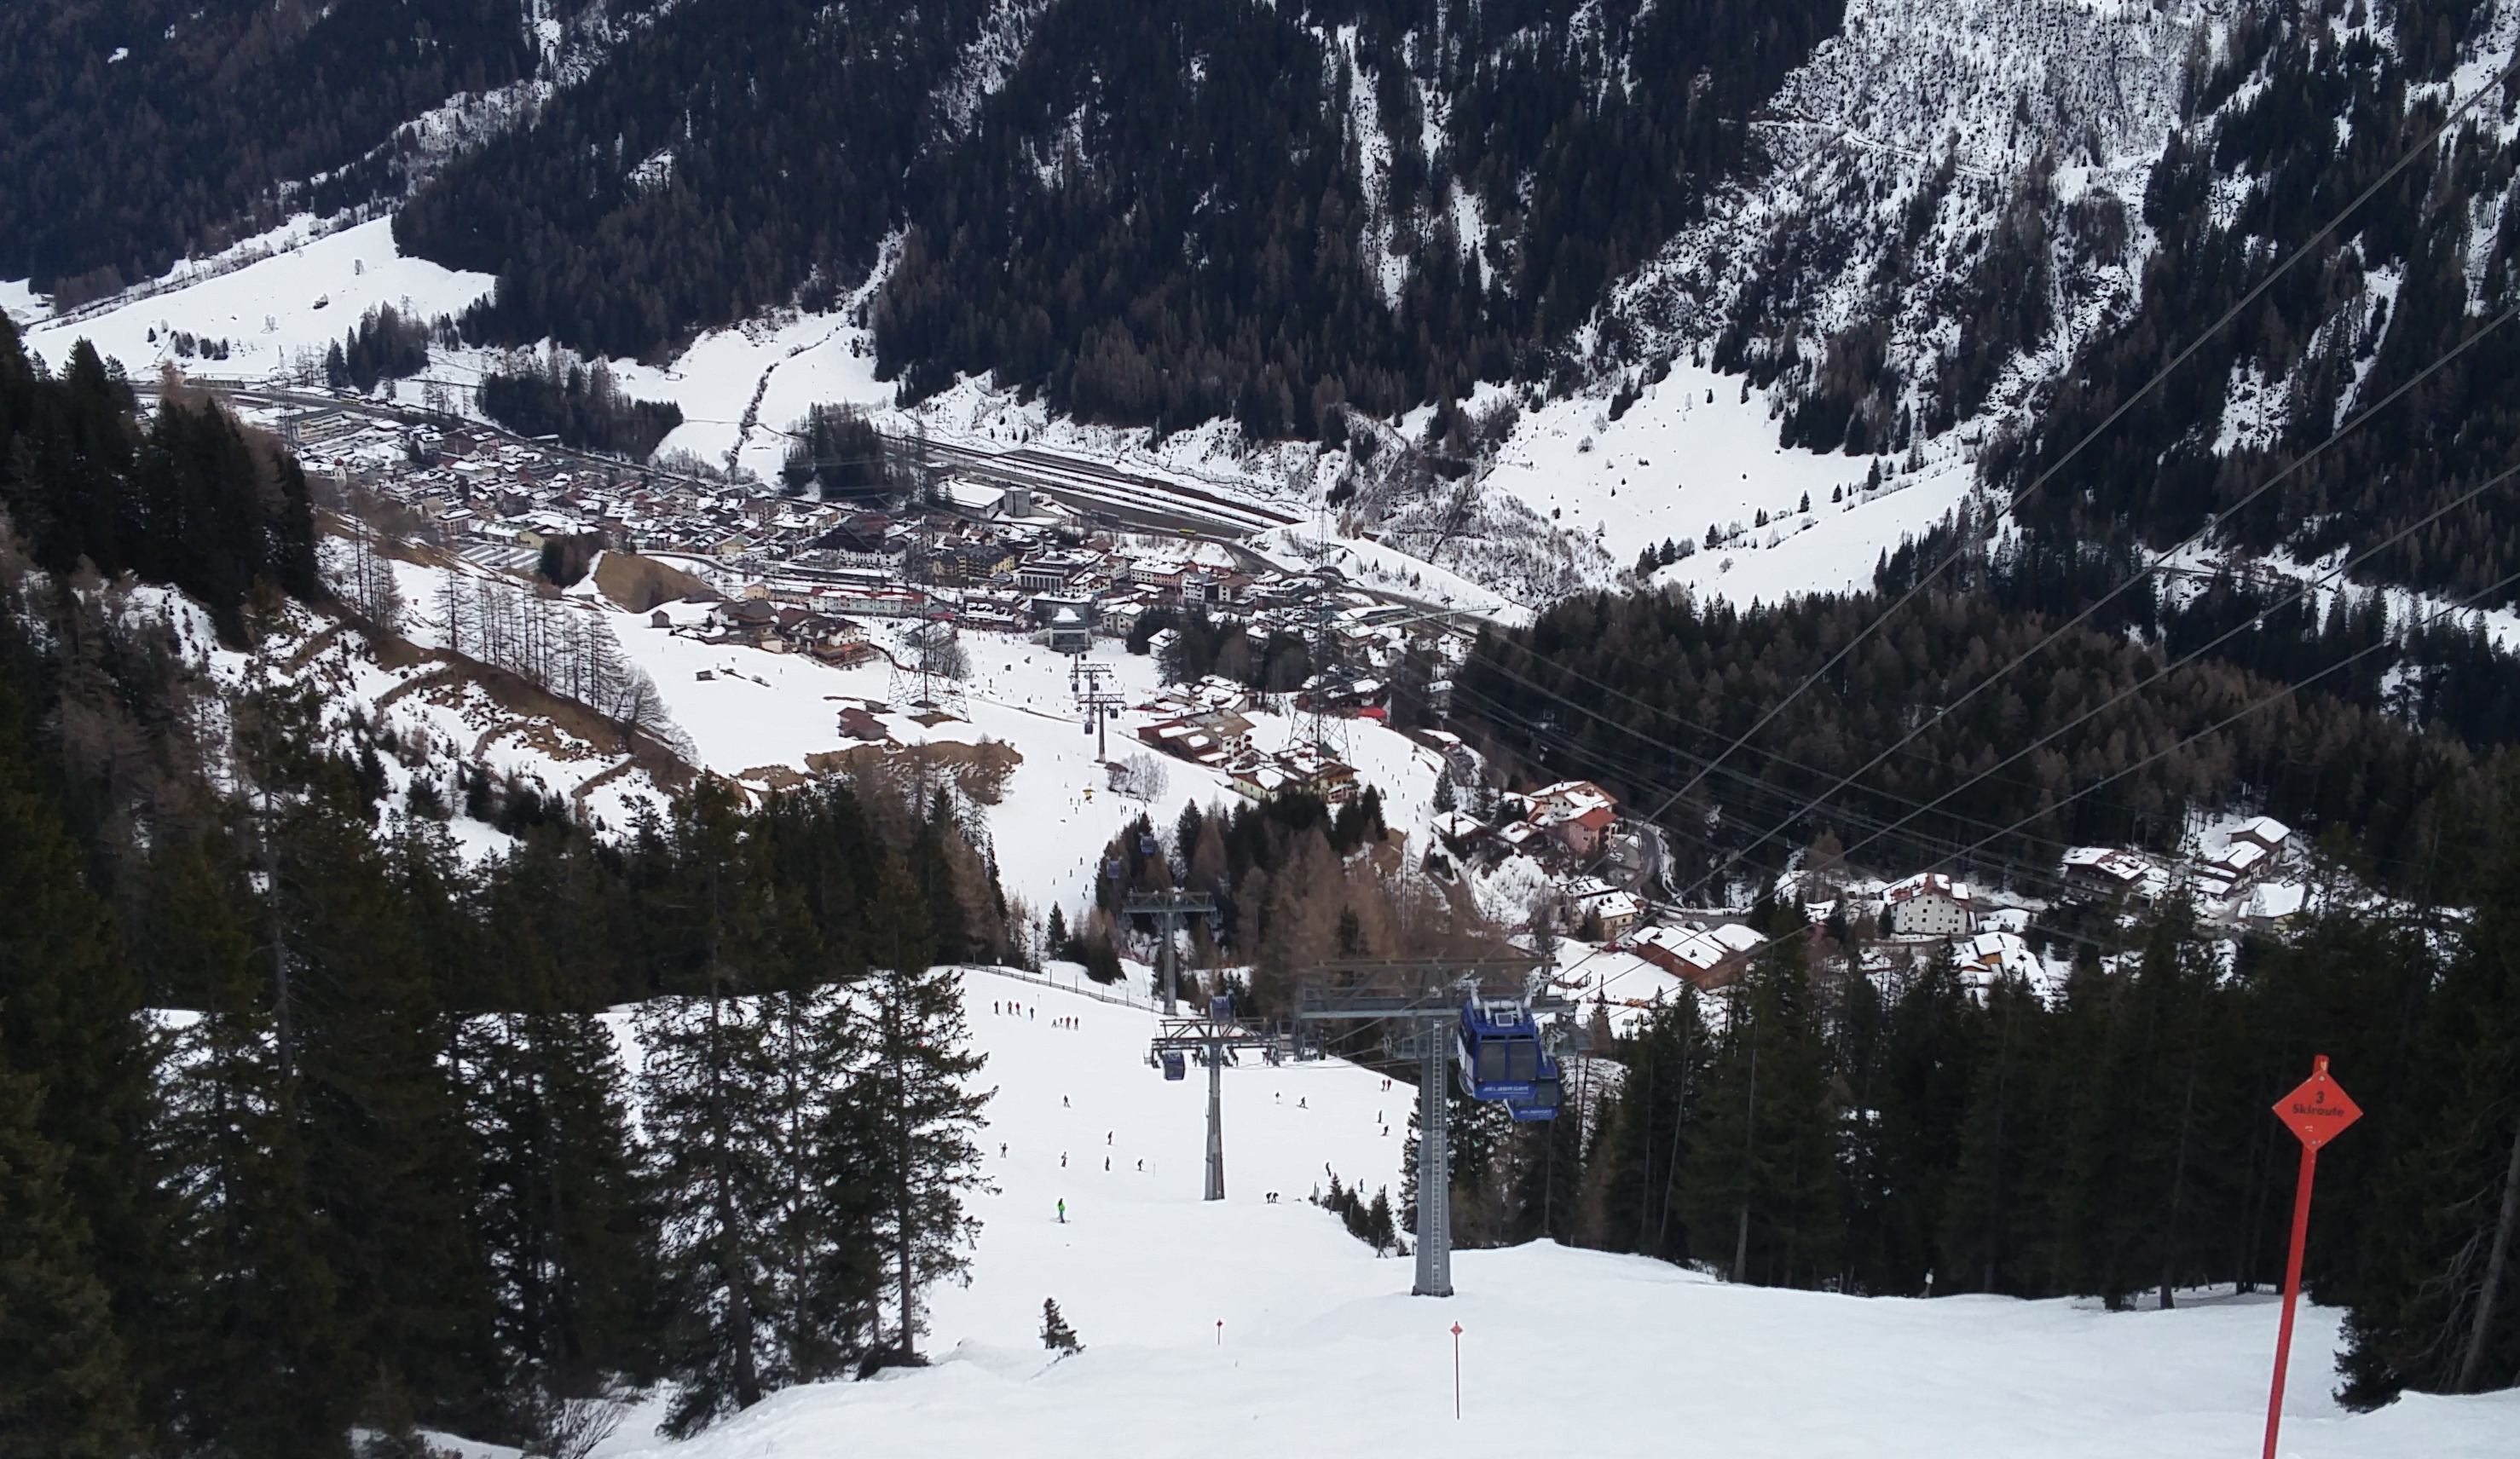 Unterknfte St. Anton am Arlberg: Hotels St. Anton - BERGFEX